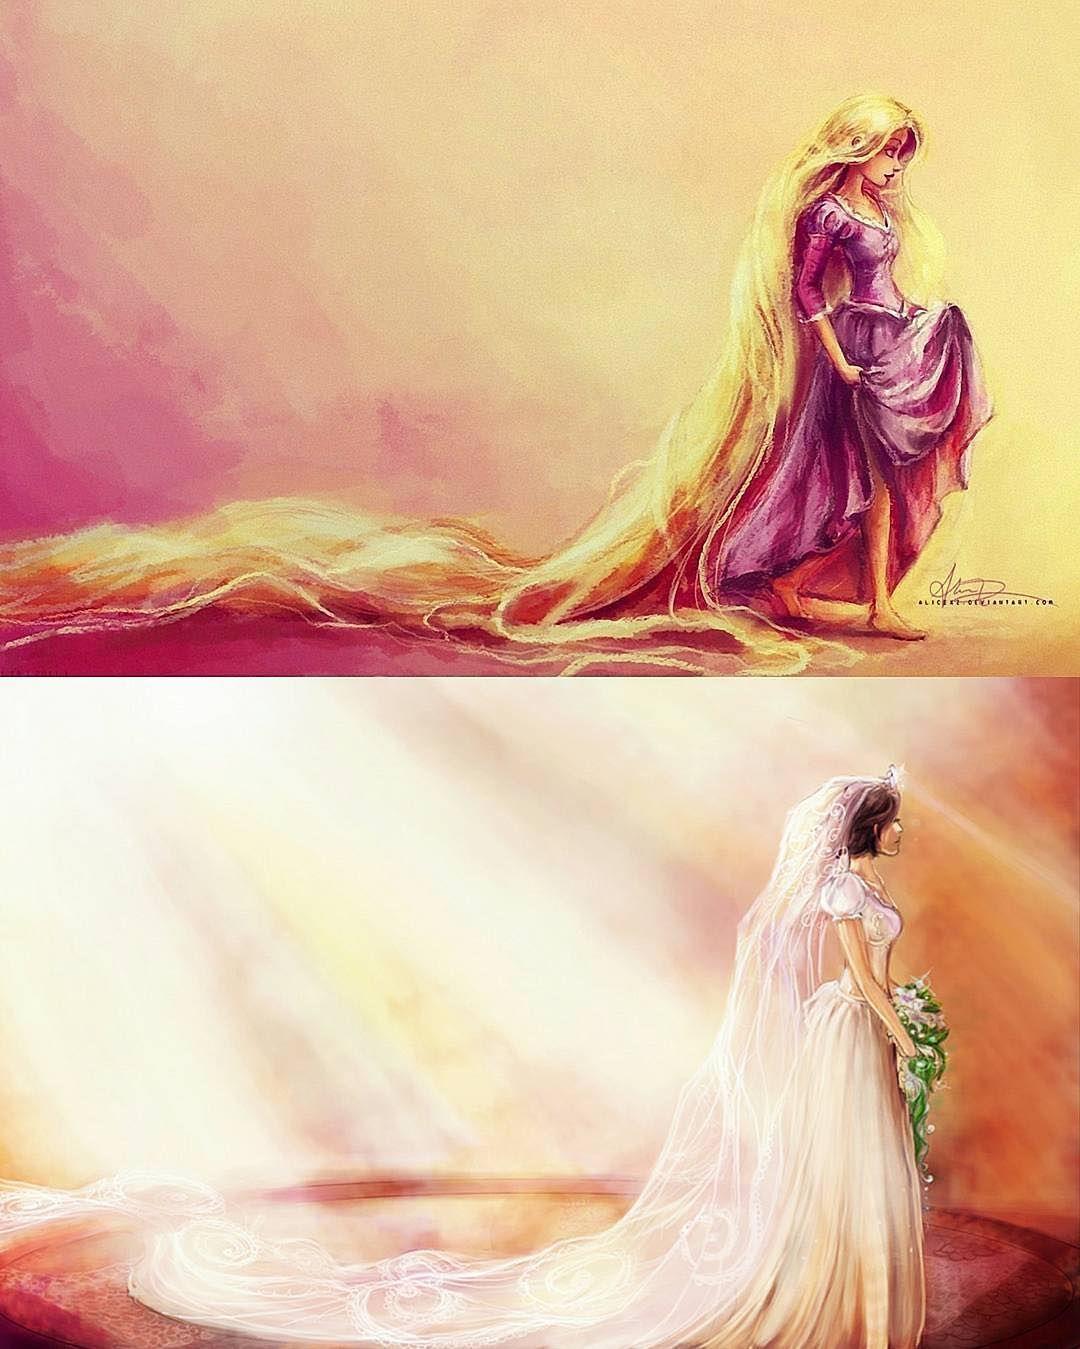 Rapunzel #lovely#arts#Disneyart